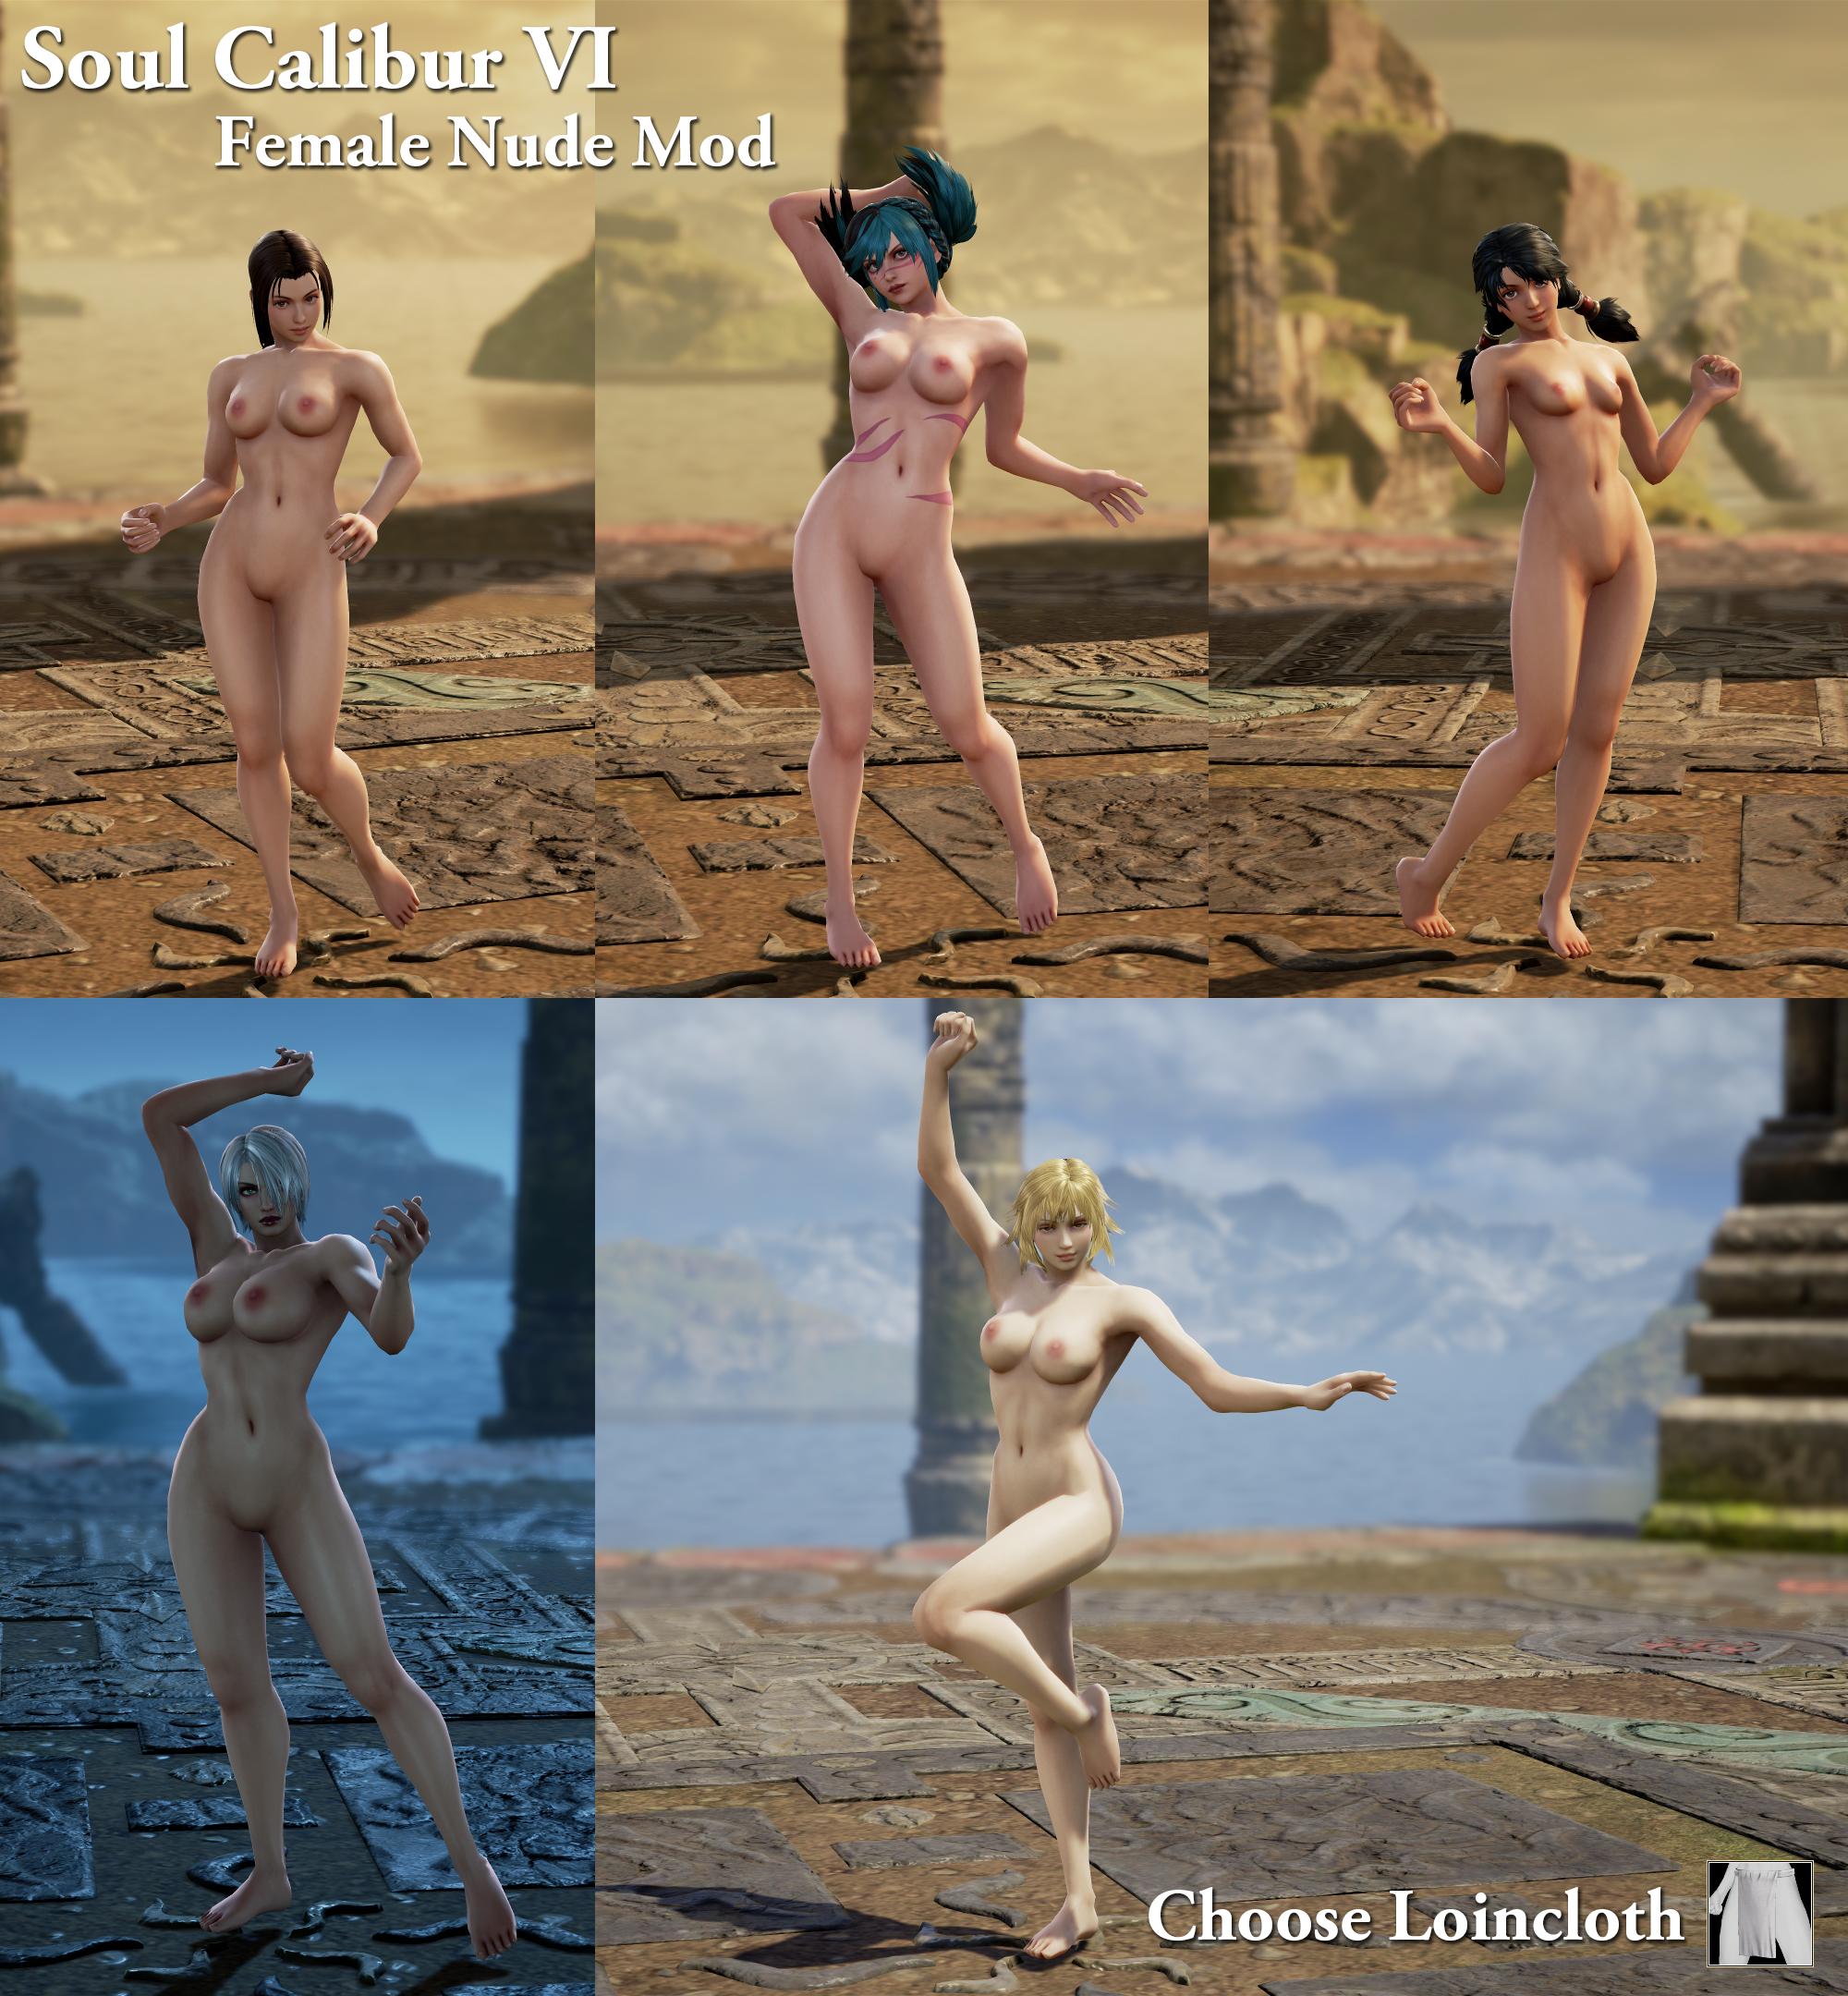 SCVI_FemaleNudeMod.jpg